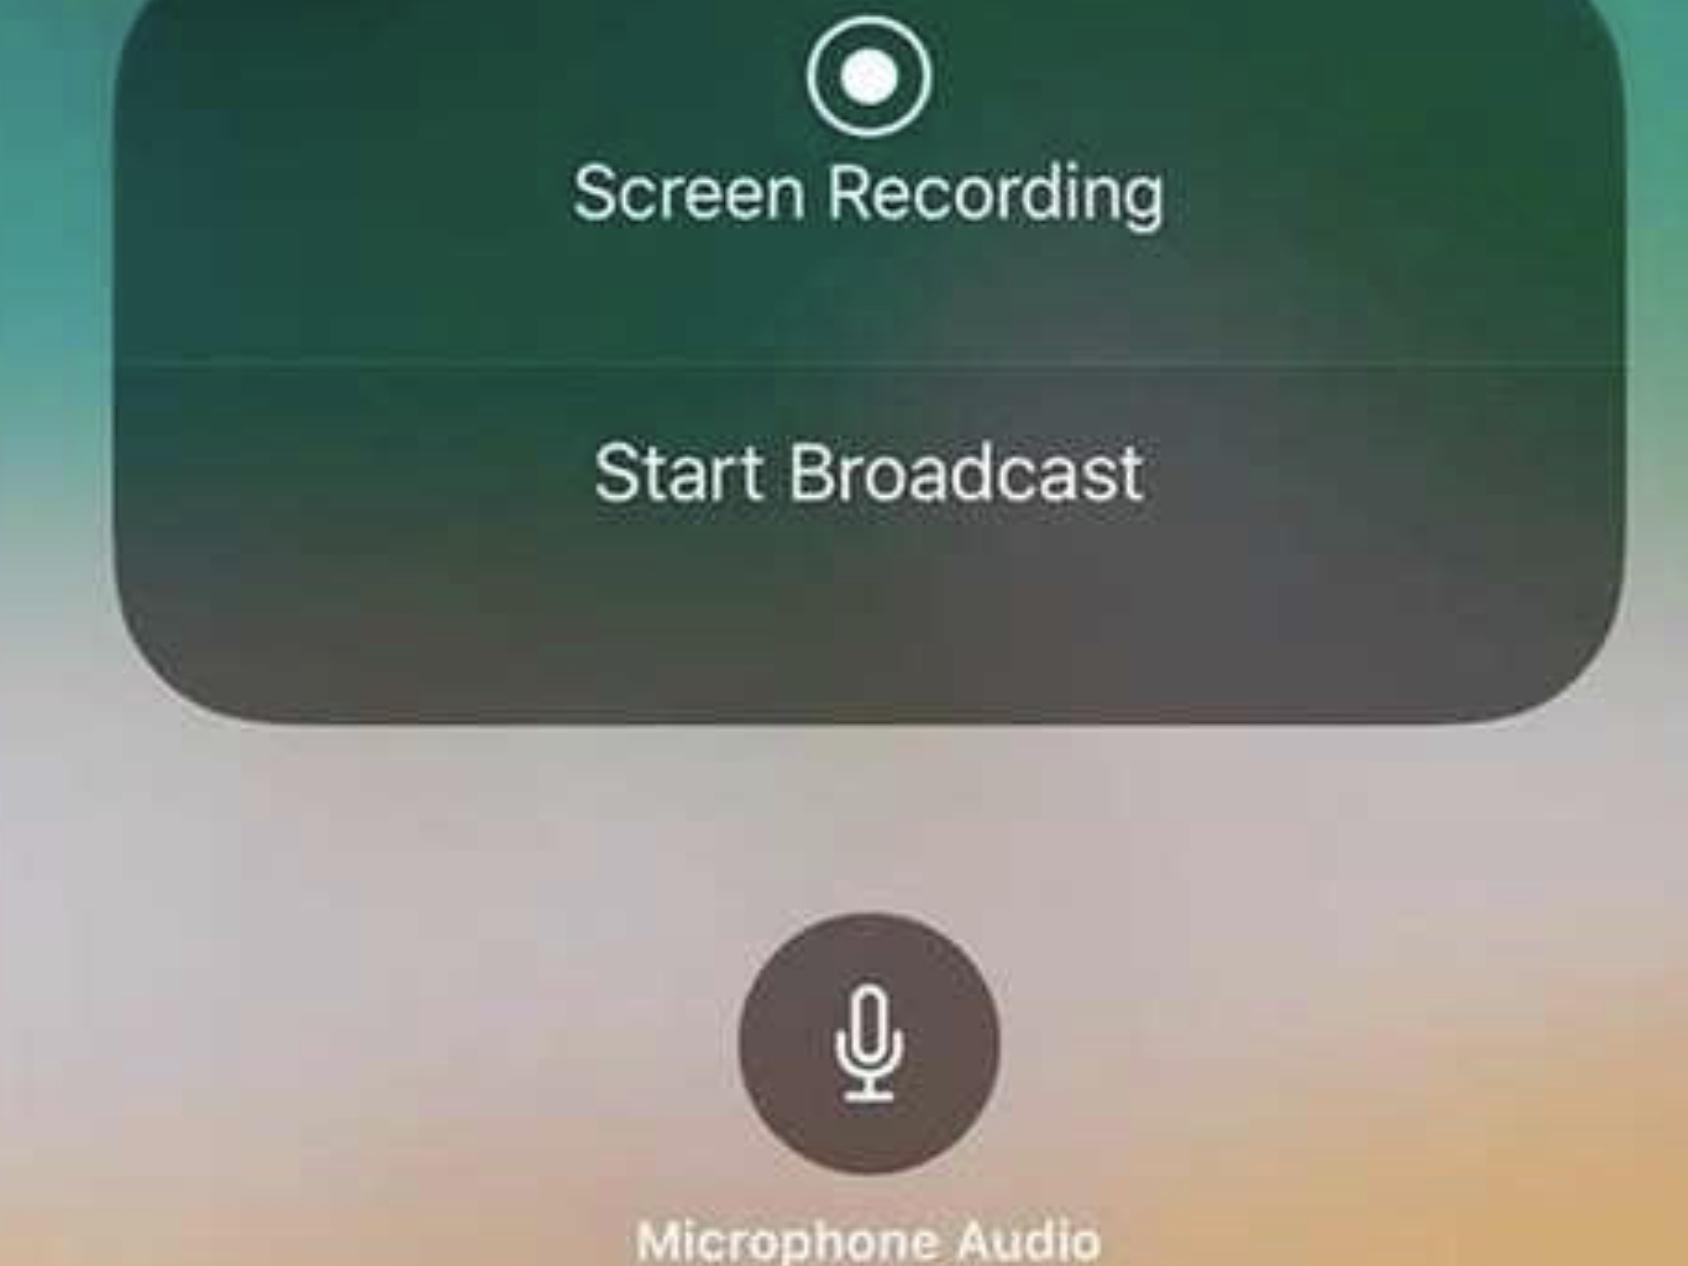 Det blir i iOS 11 mulig å direktestrømme video fra mobilen.